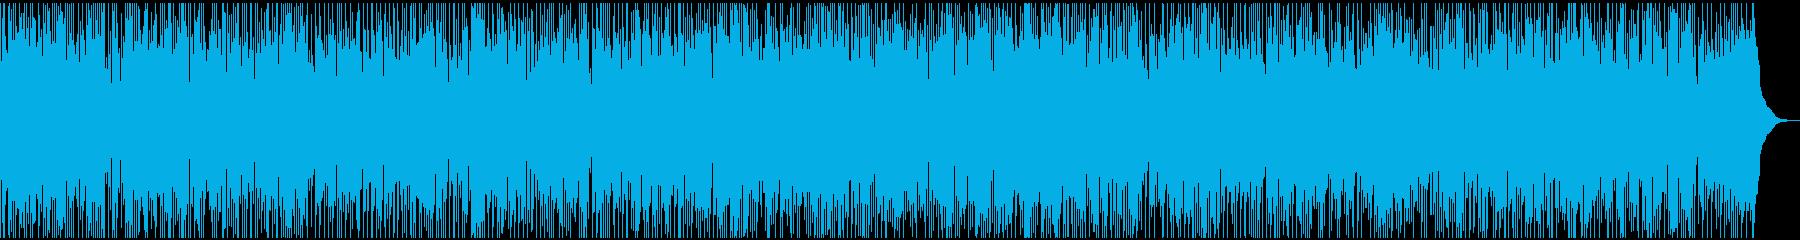 心弾む穏やかなカントリー/オープニング等の再生済みの波形